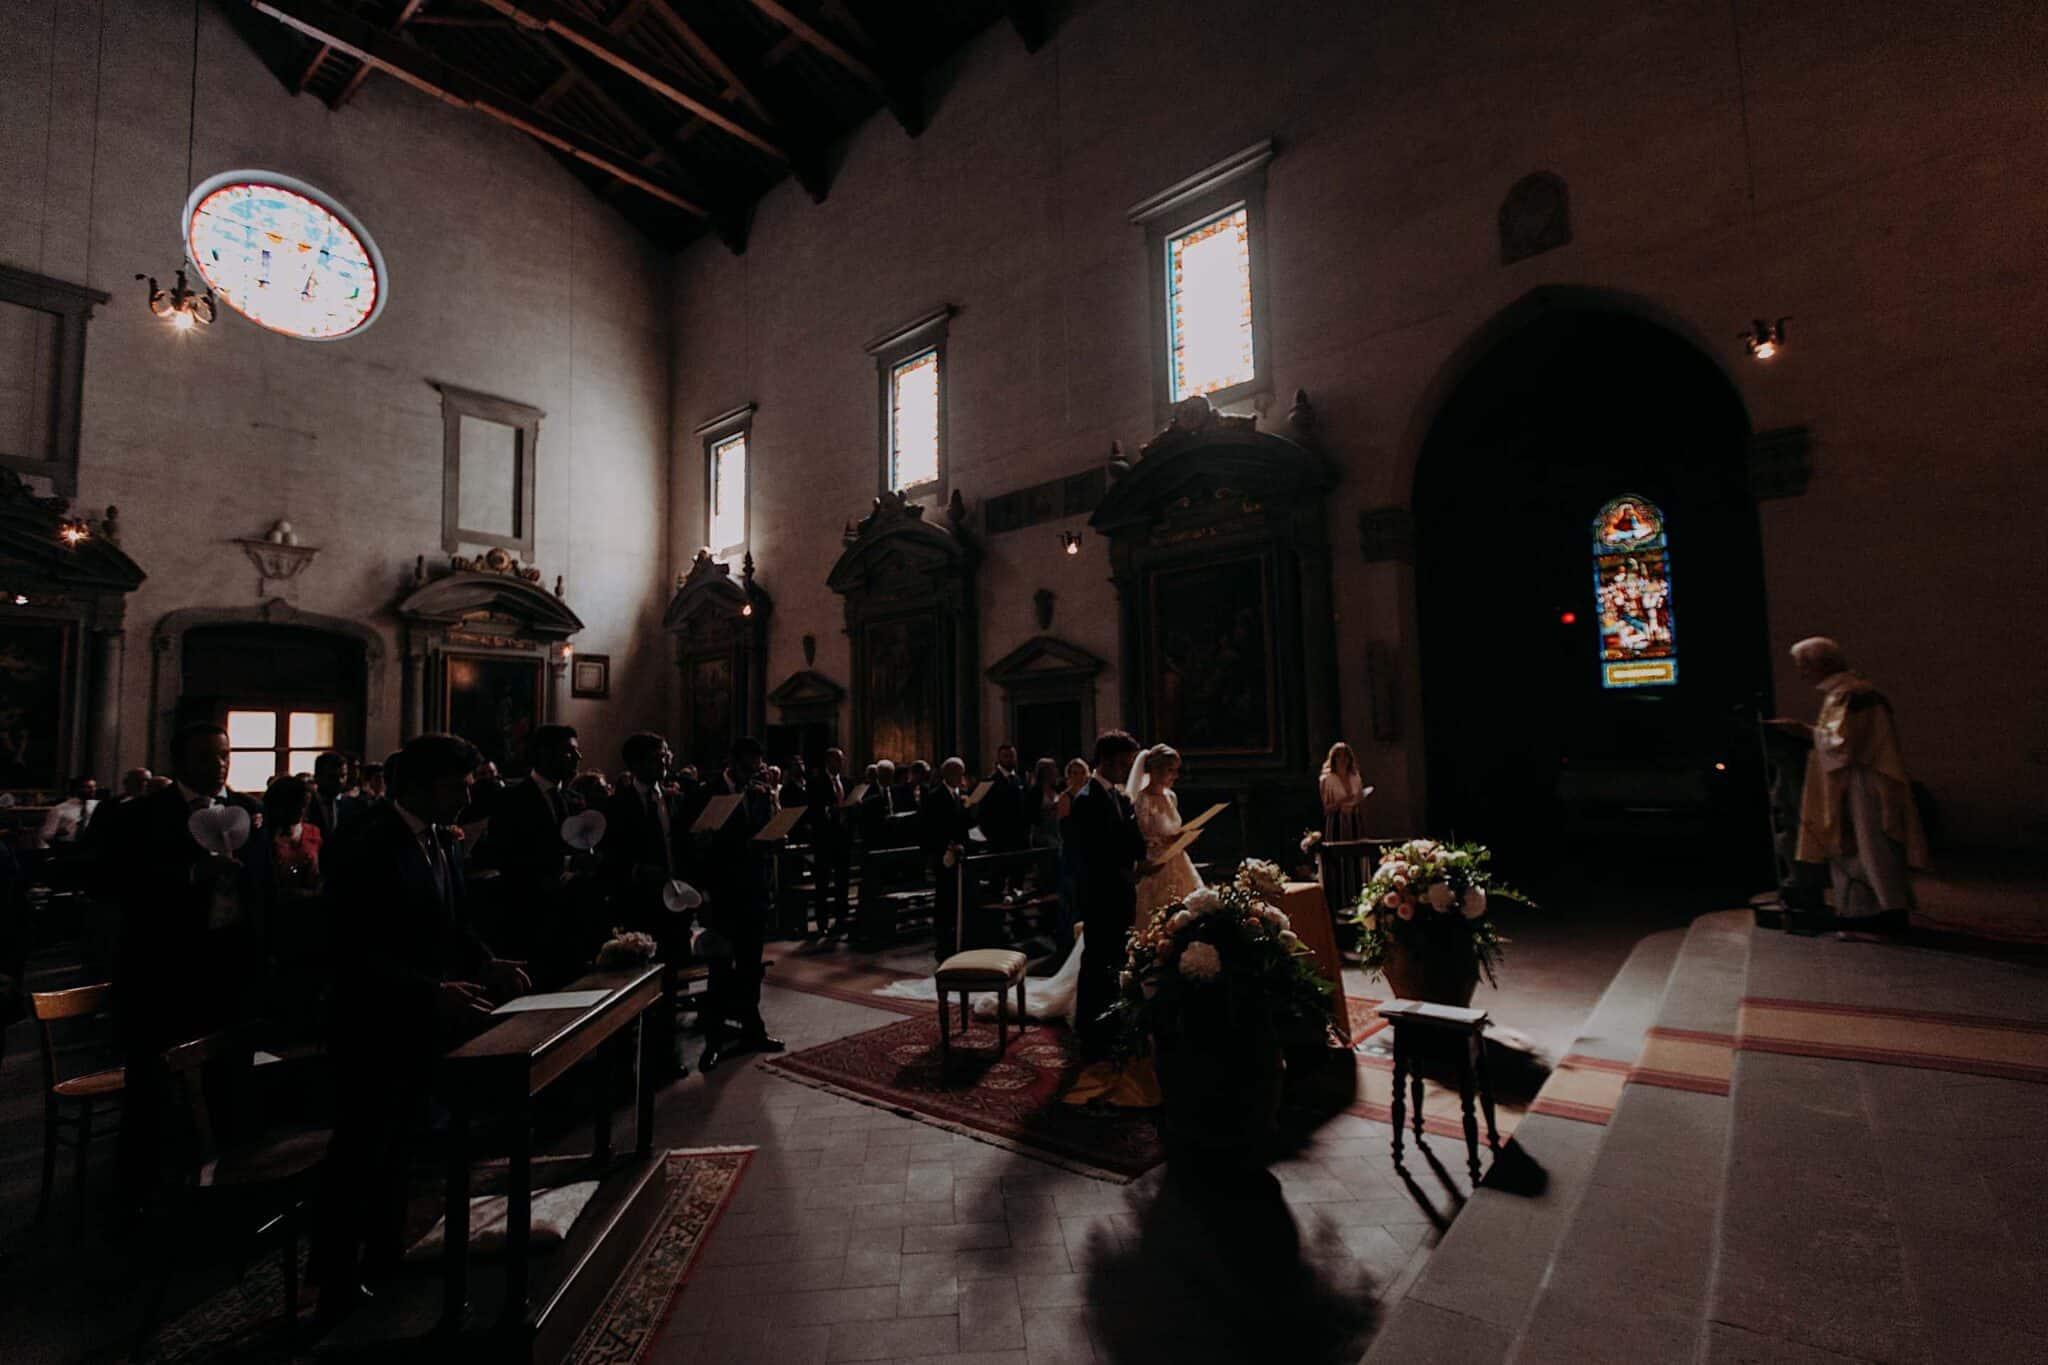 interno della chiesa di San Niccolò Sopr'Arno a Firenze